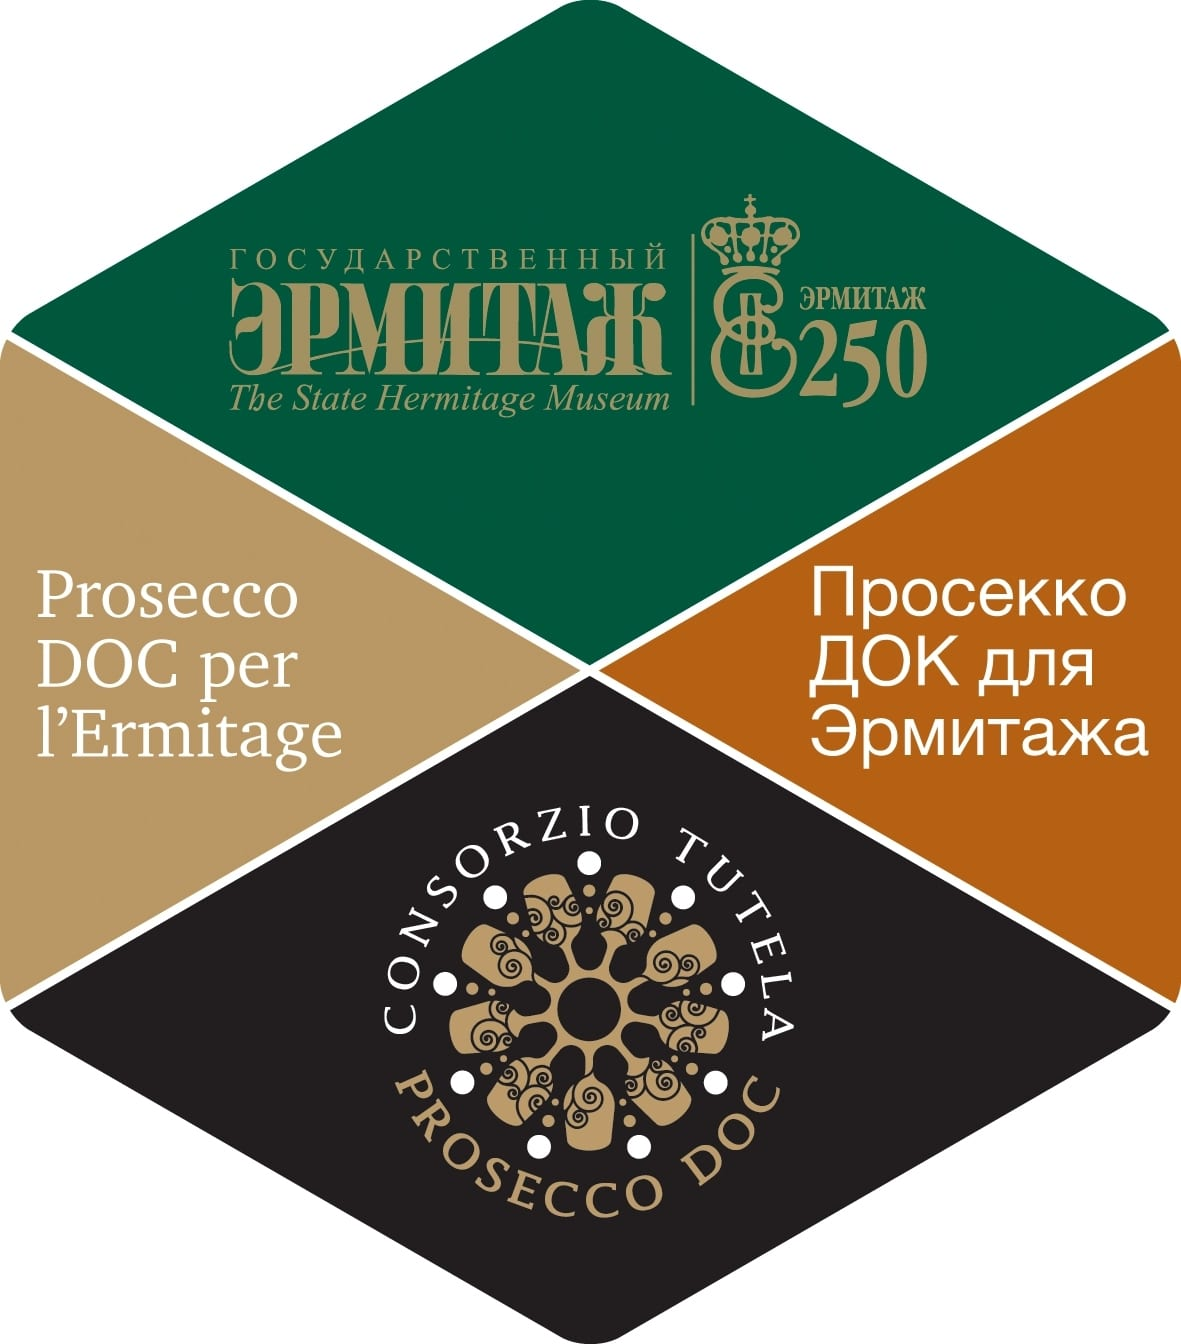 Una Doc al Museo: il Prosecco è ufficialmente il vin d'honneur dell'Ermitage. Ecco la nuova etichetta